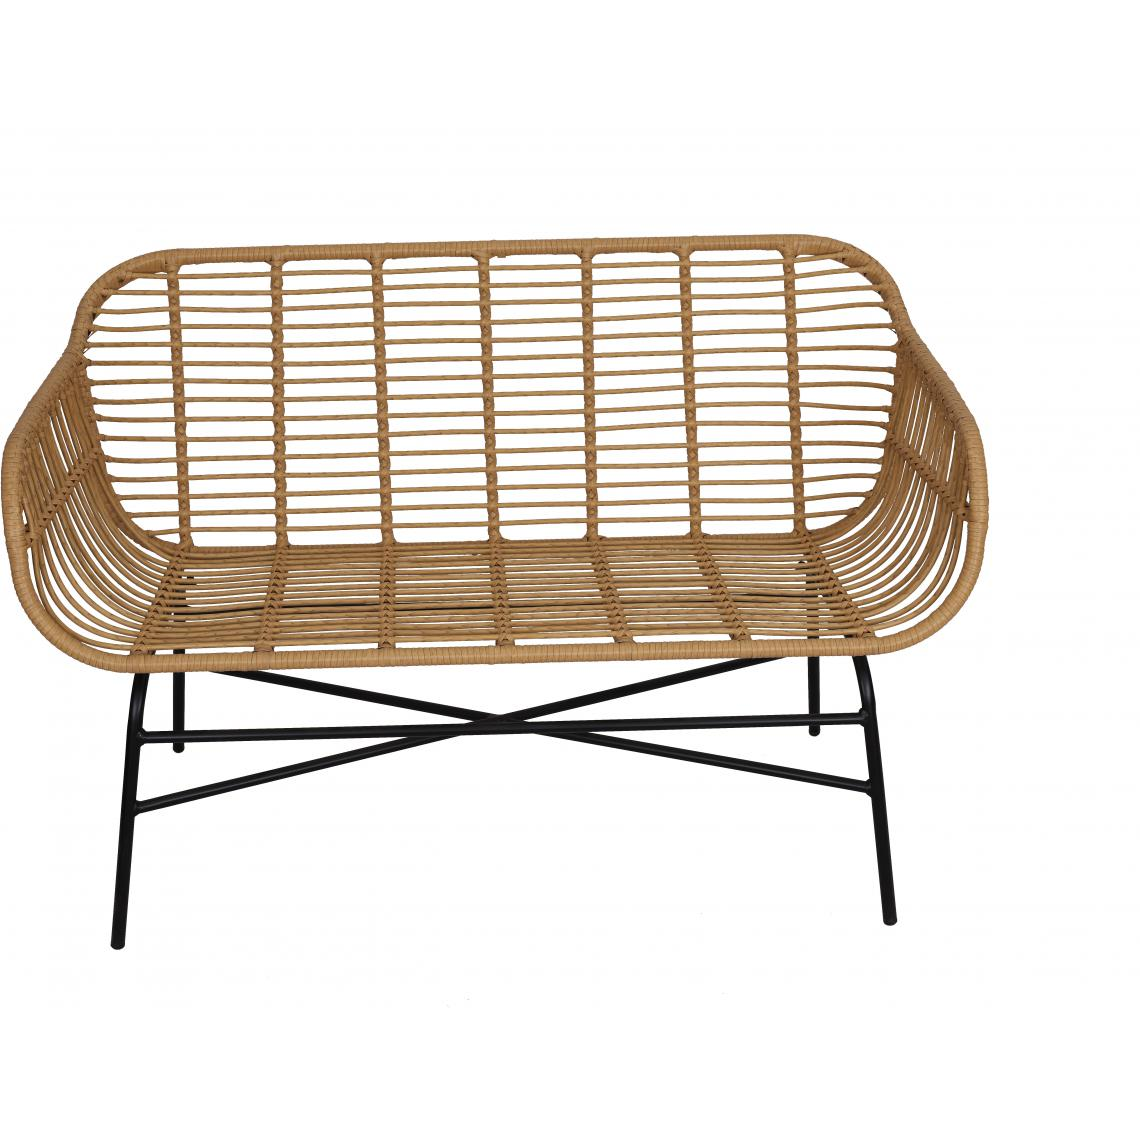 La chaise longue Canapé de Jardin en Métal Beige PANAMA